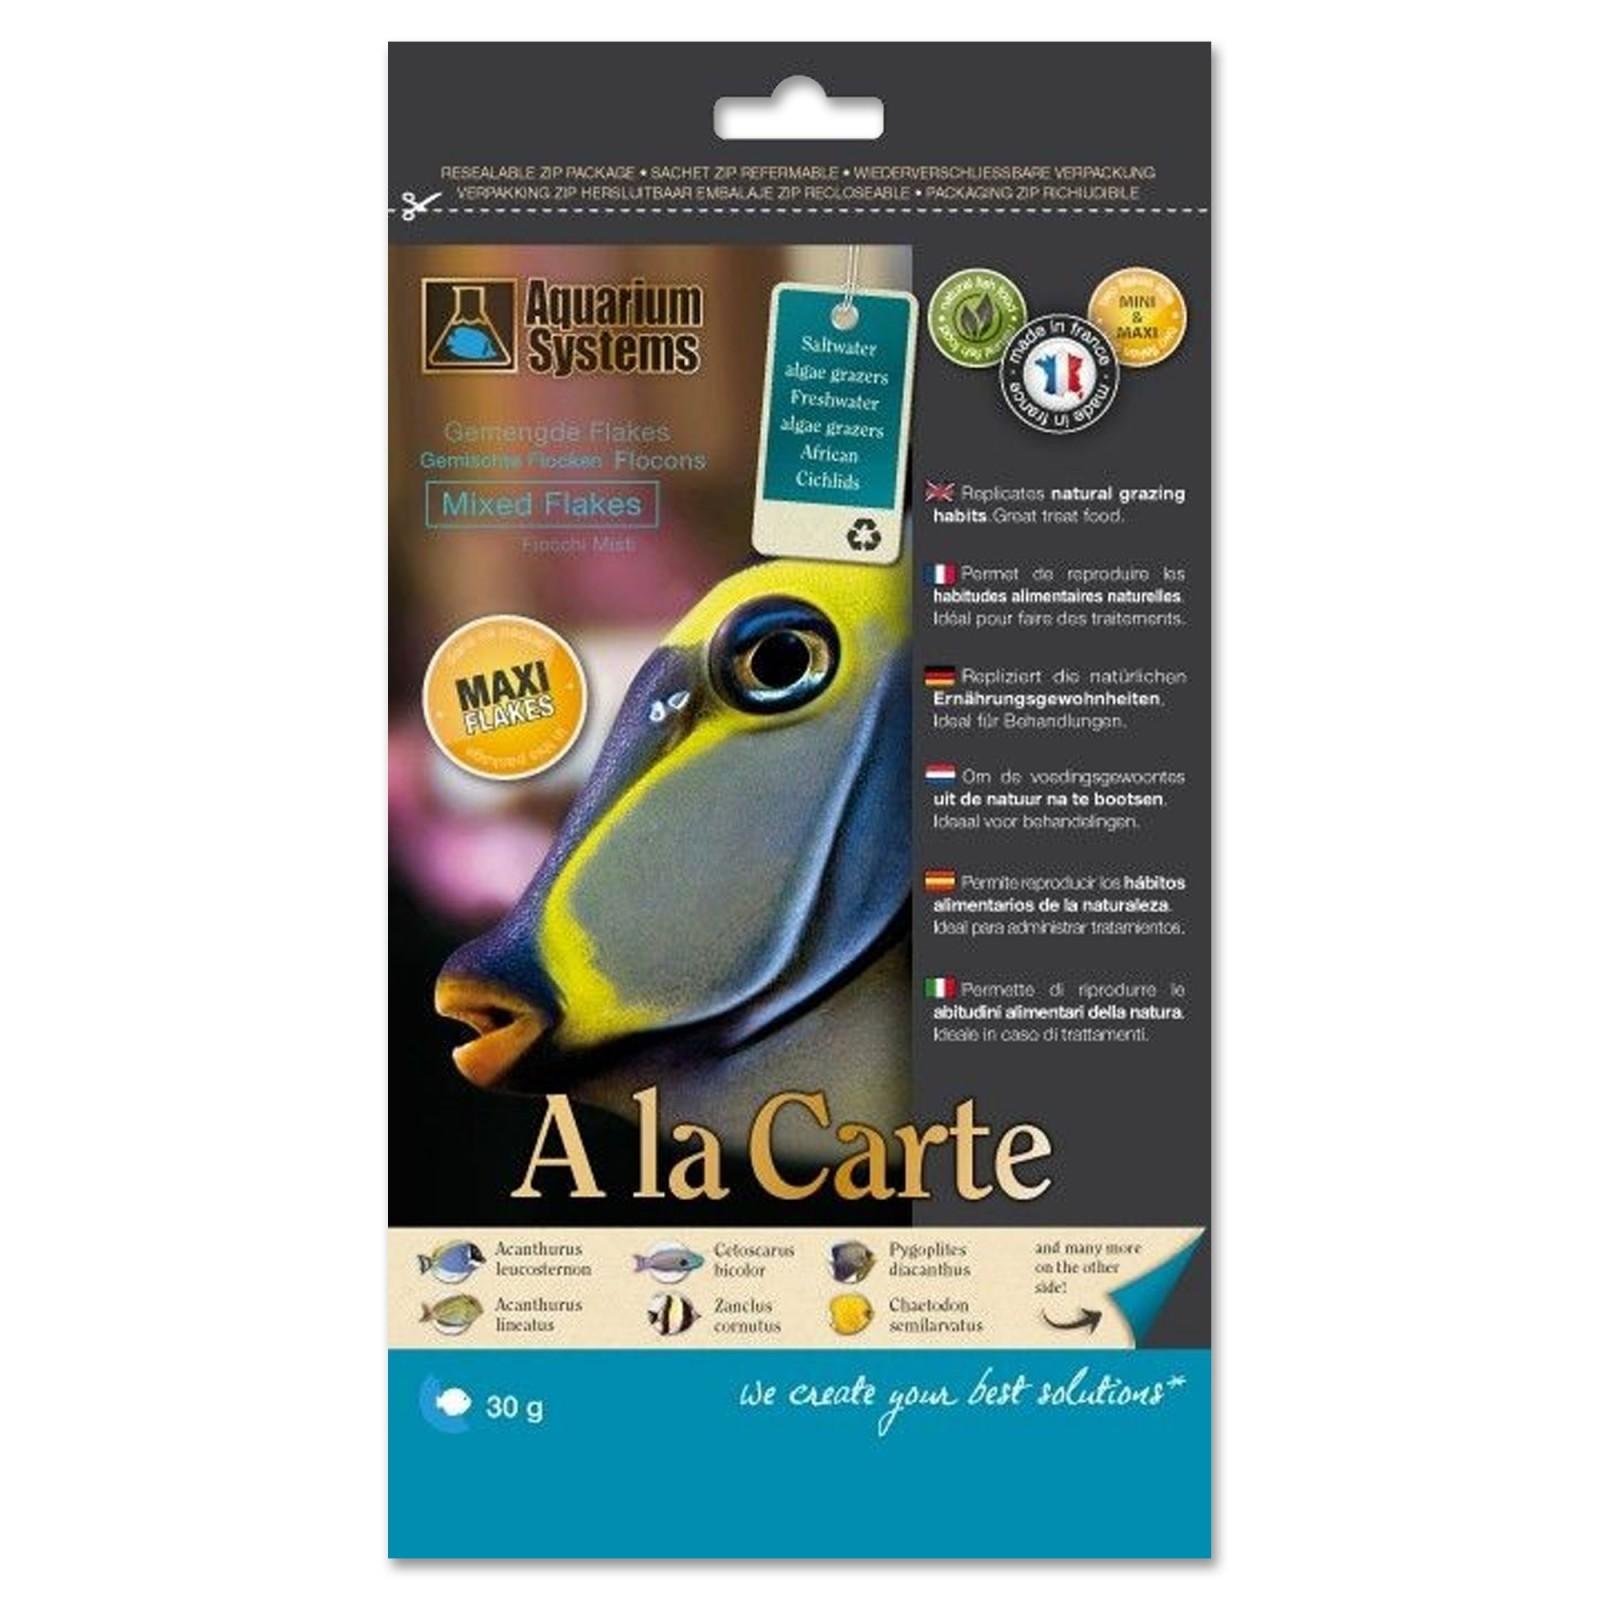 Aquarium Systems A la Carte Mixed Flakes Maxi 30g Mix di Alghe tagliate in fiocchi grandi mangime per pesci